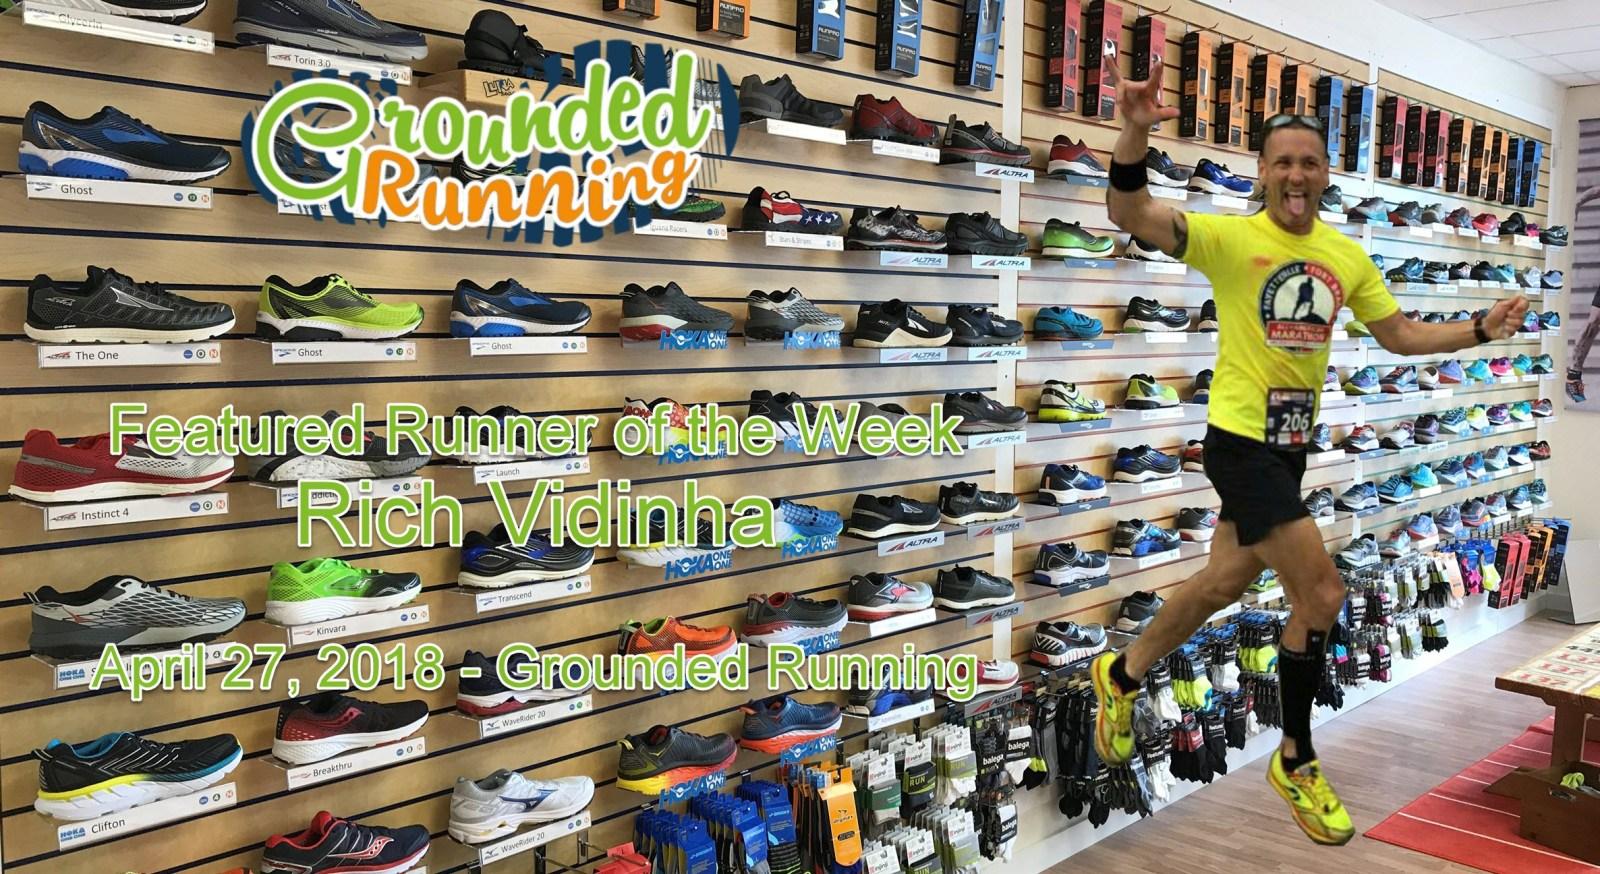 Rich Vidinha - Featured Runner of the Week